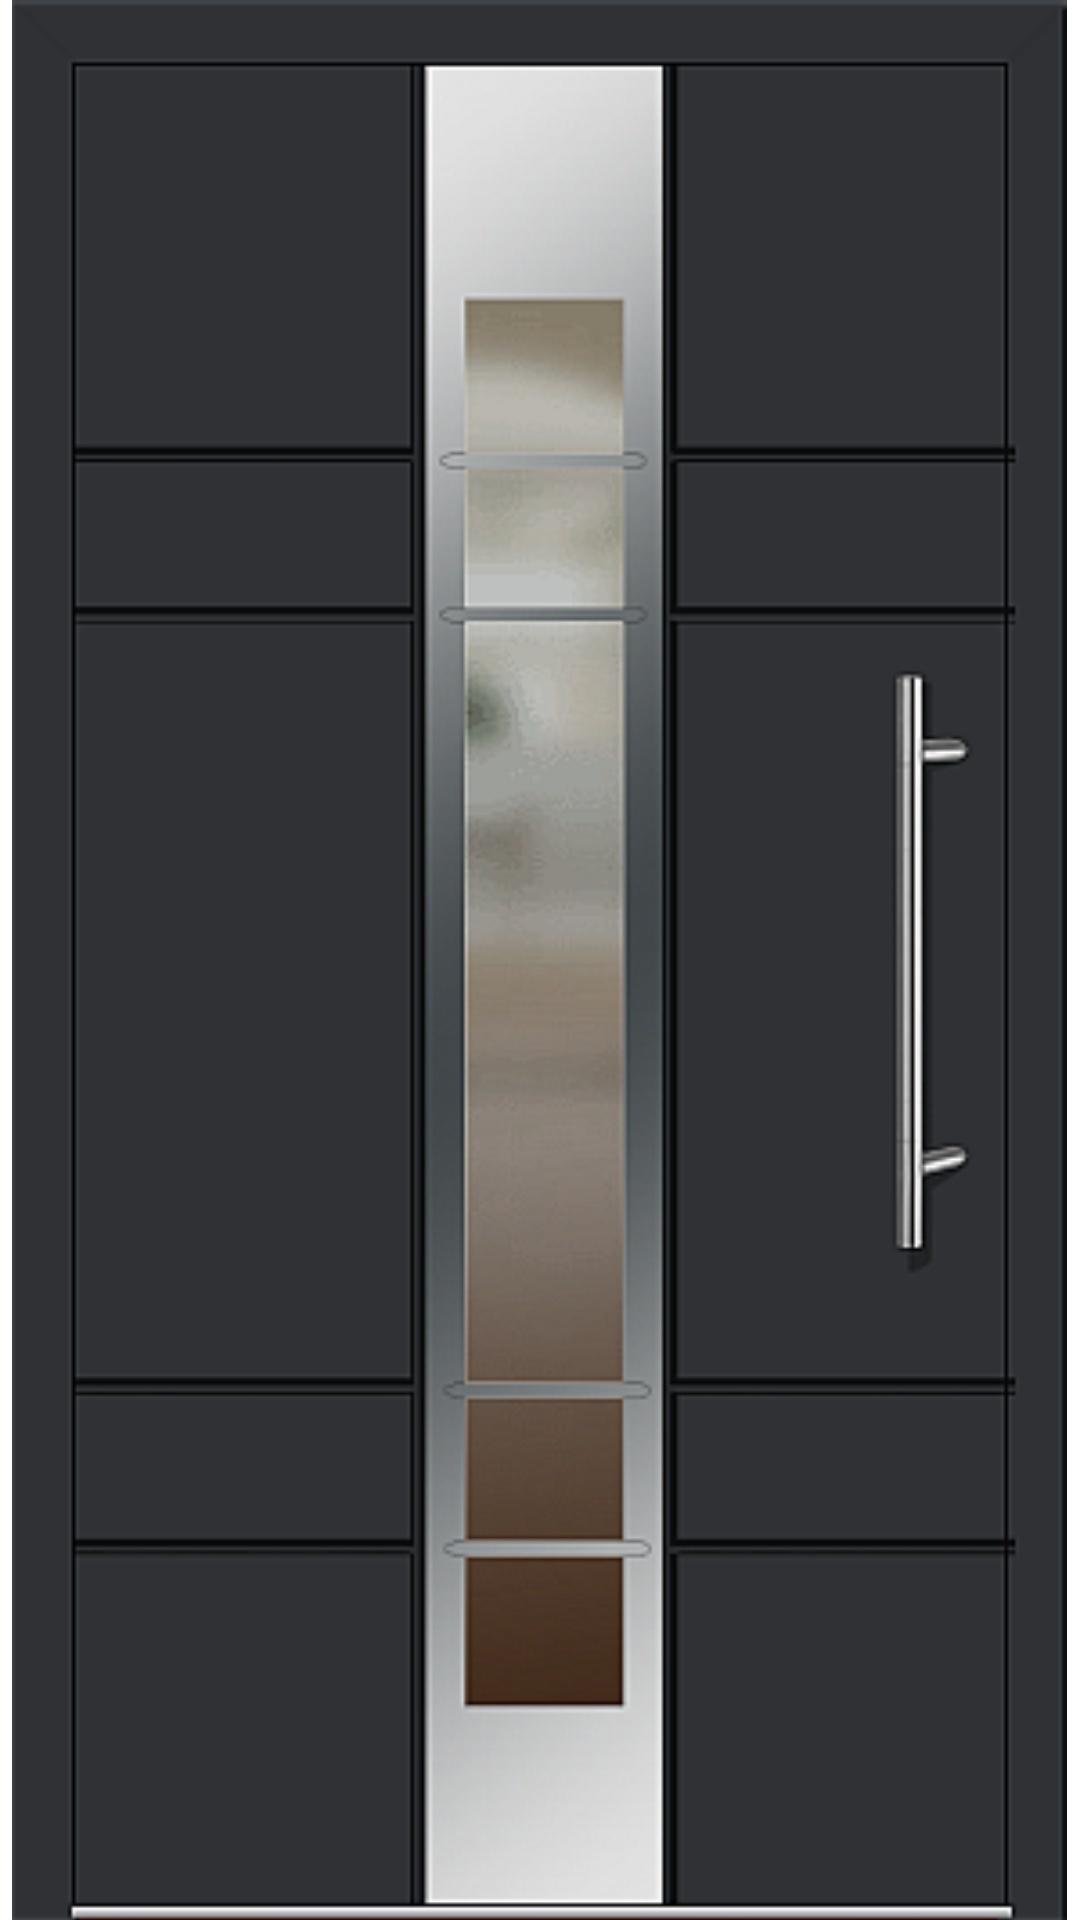 Kunststoff Haustür Modell 2700-79 schwarz